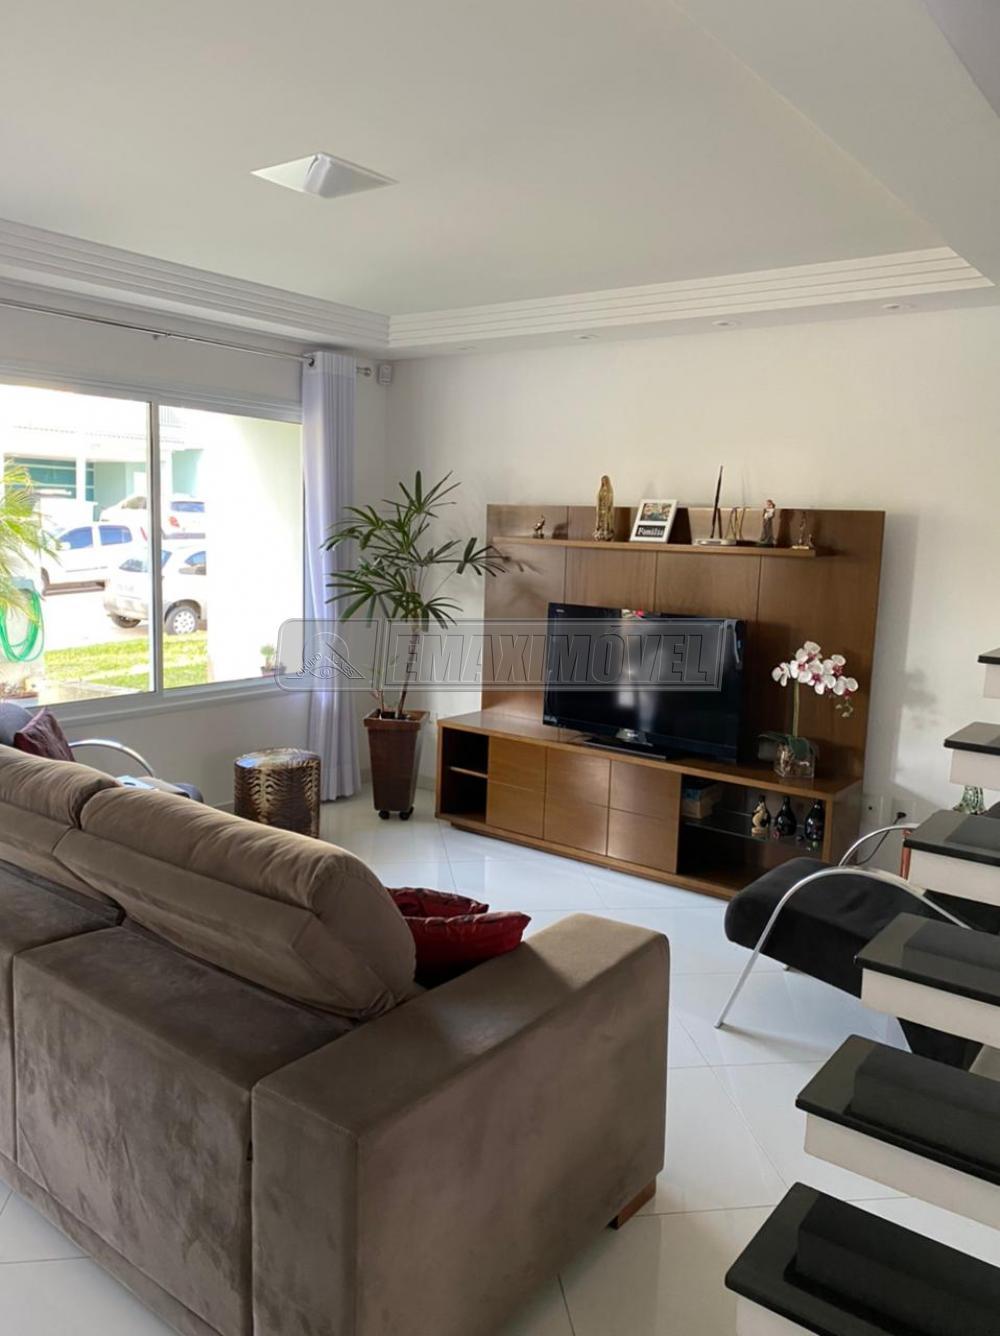 Comprar Casa / em Condomínios em Sorocaba R$ 950.000,00 - Foto 2